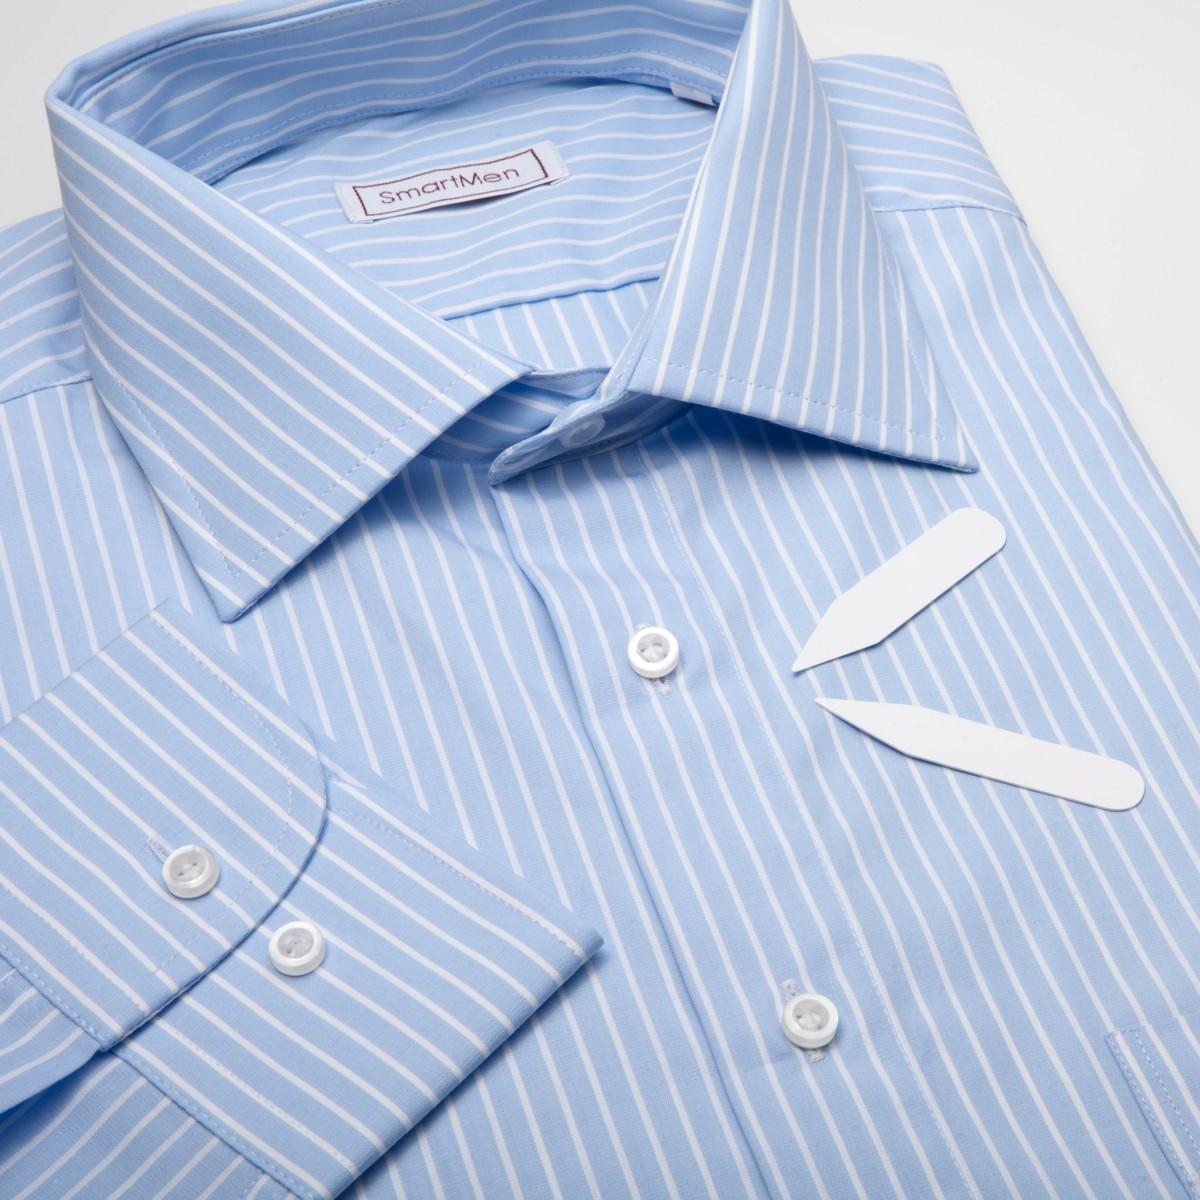 8abf94d16847 Pánska košeľa modrý prúžok -50%